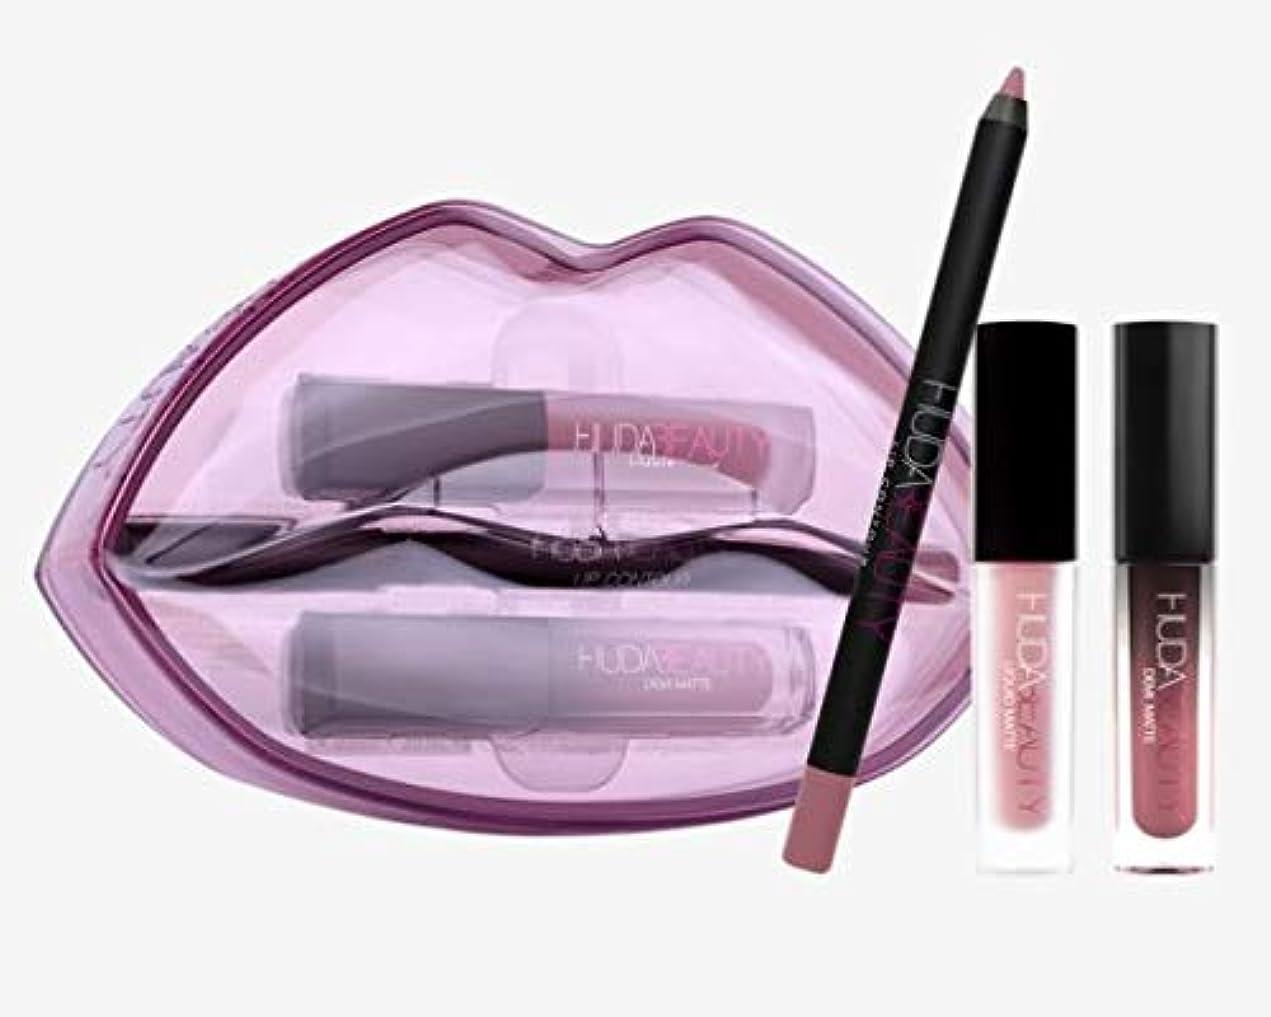 ナイトスポット深遠アライメントHudabeauty Matte & Cream Lip Set Provocateur & Muse リップセット マットリップ